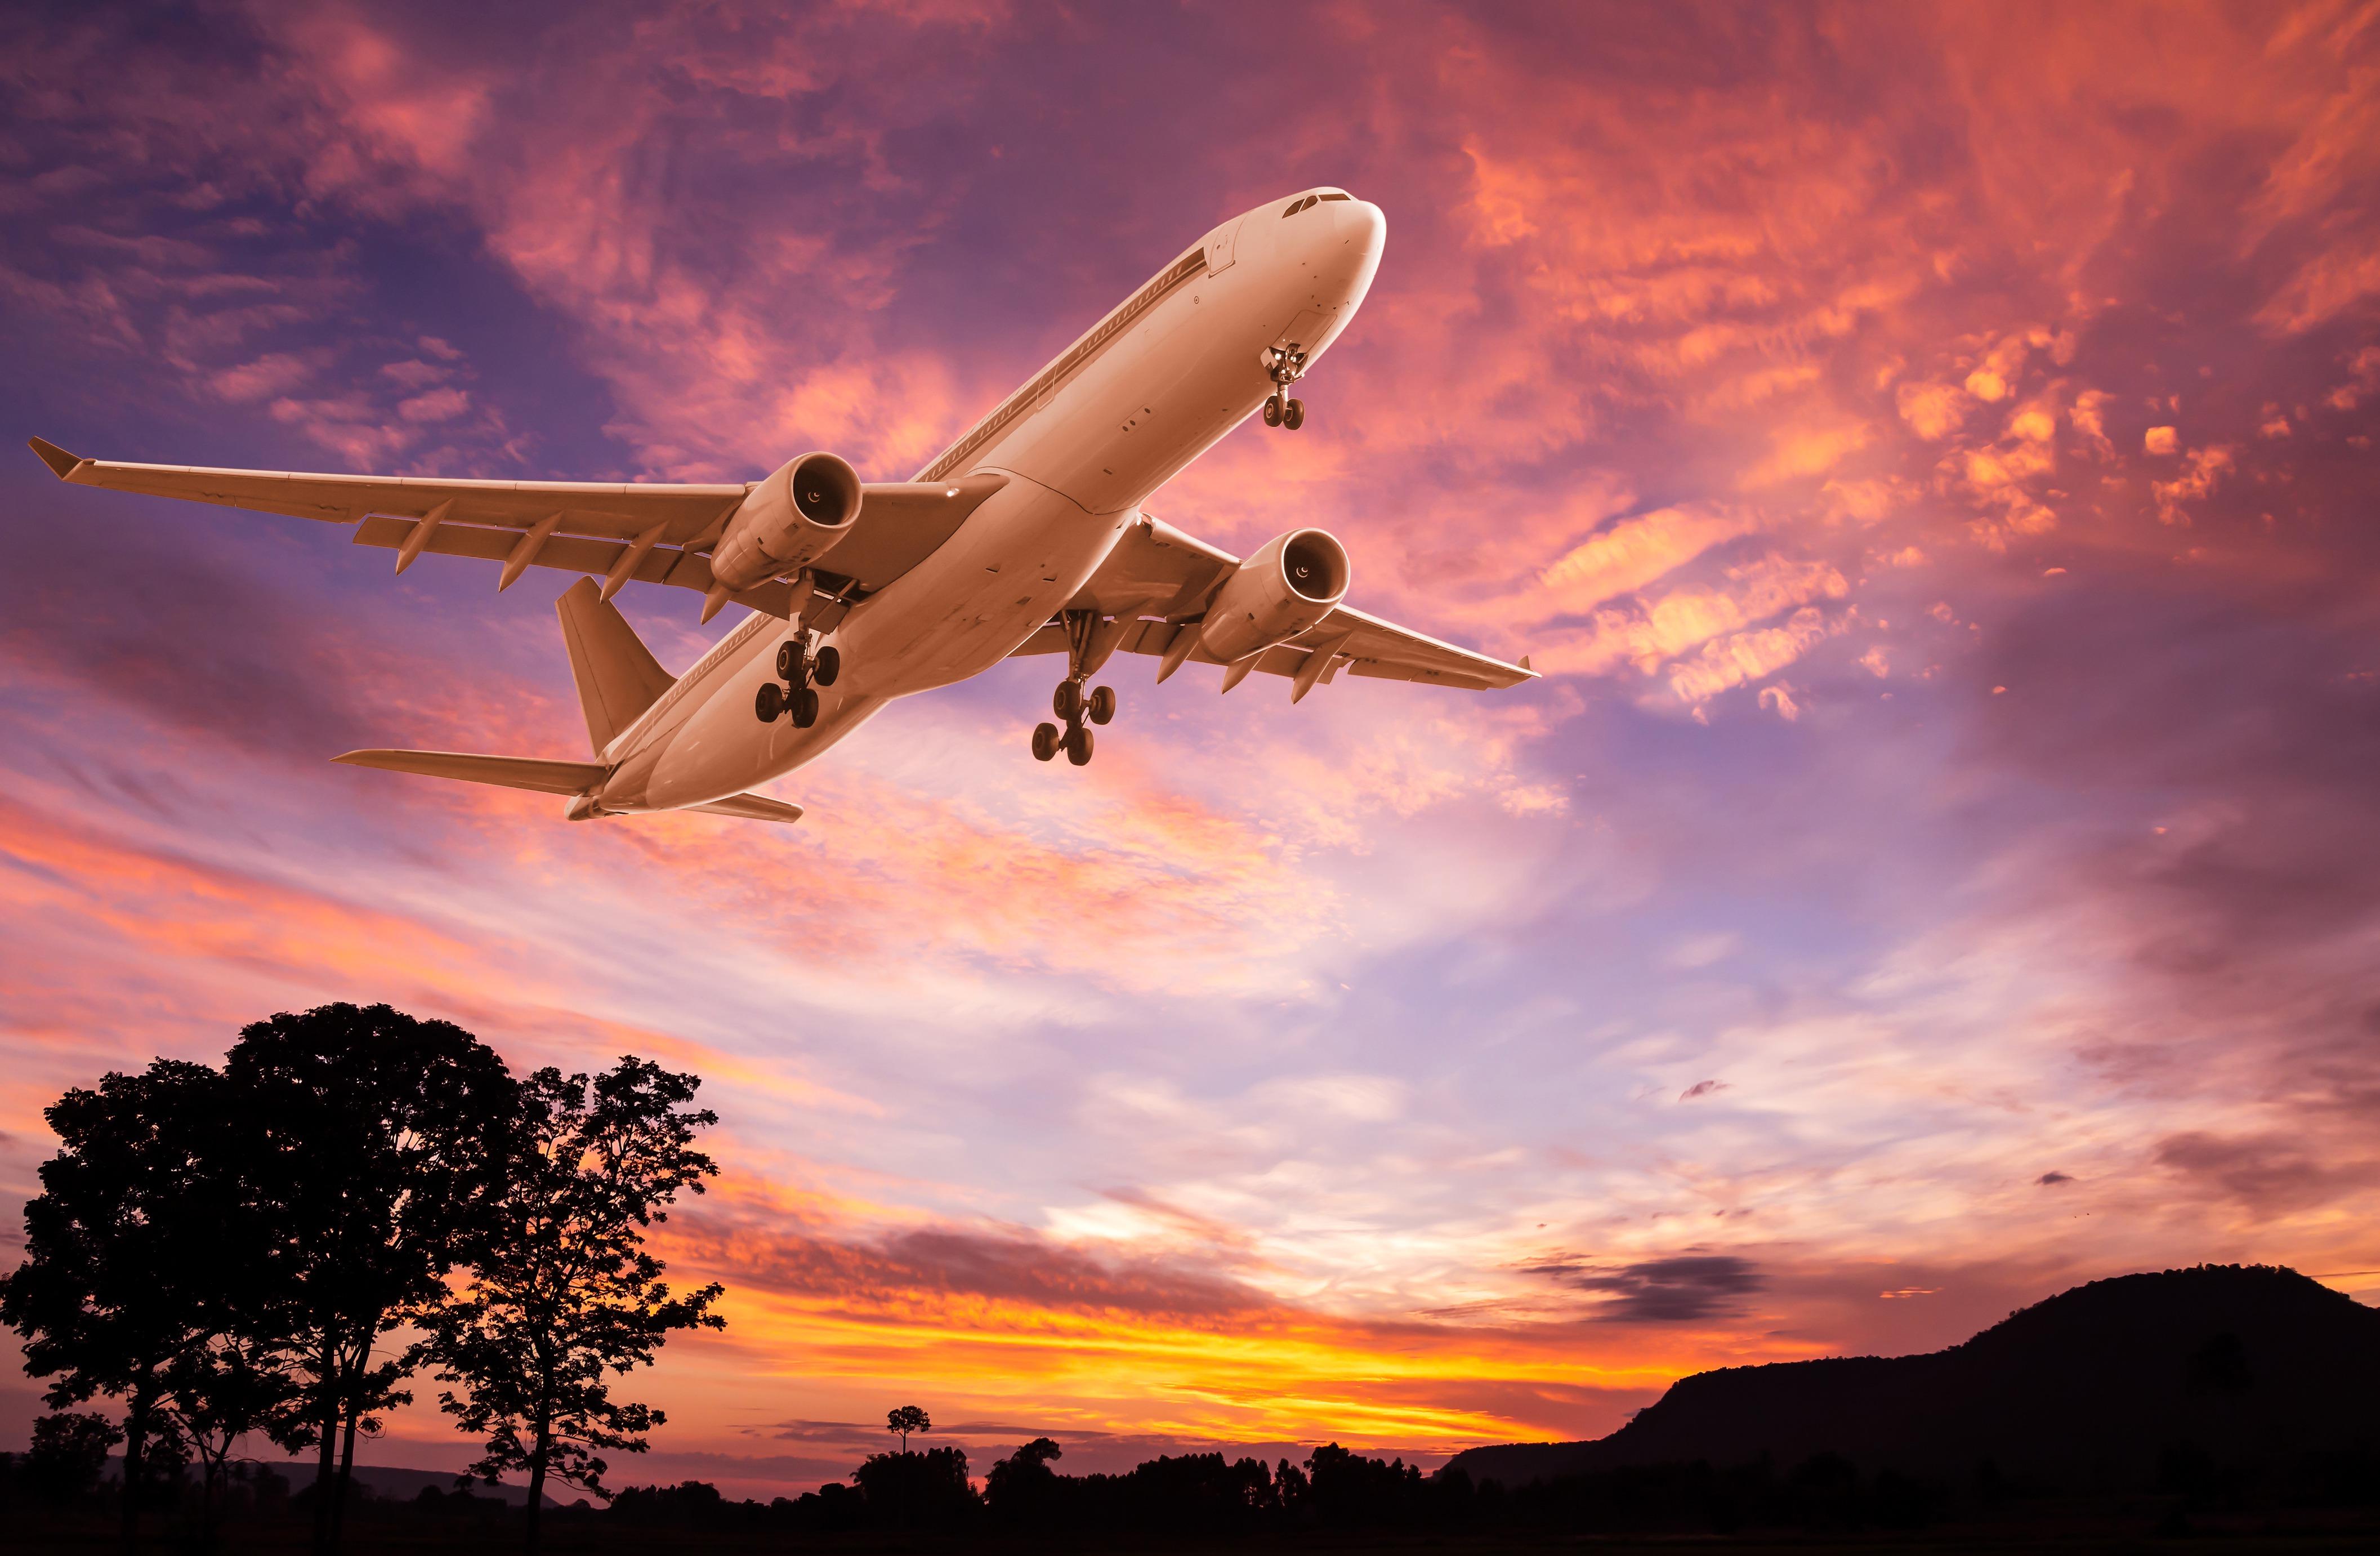 красивые картинки самолетов которые взлетают